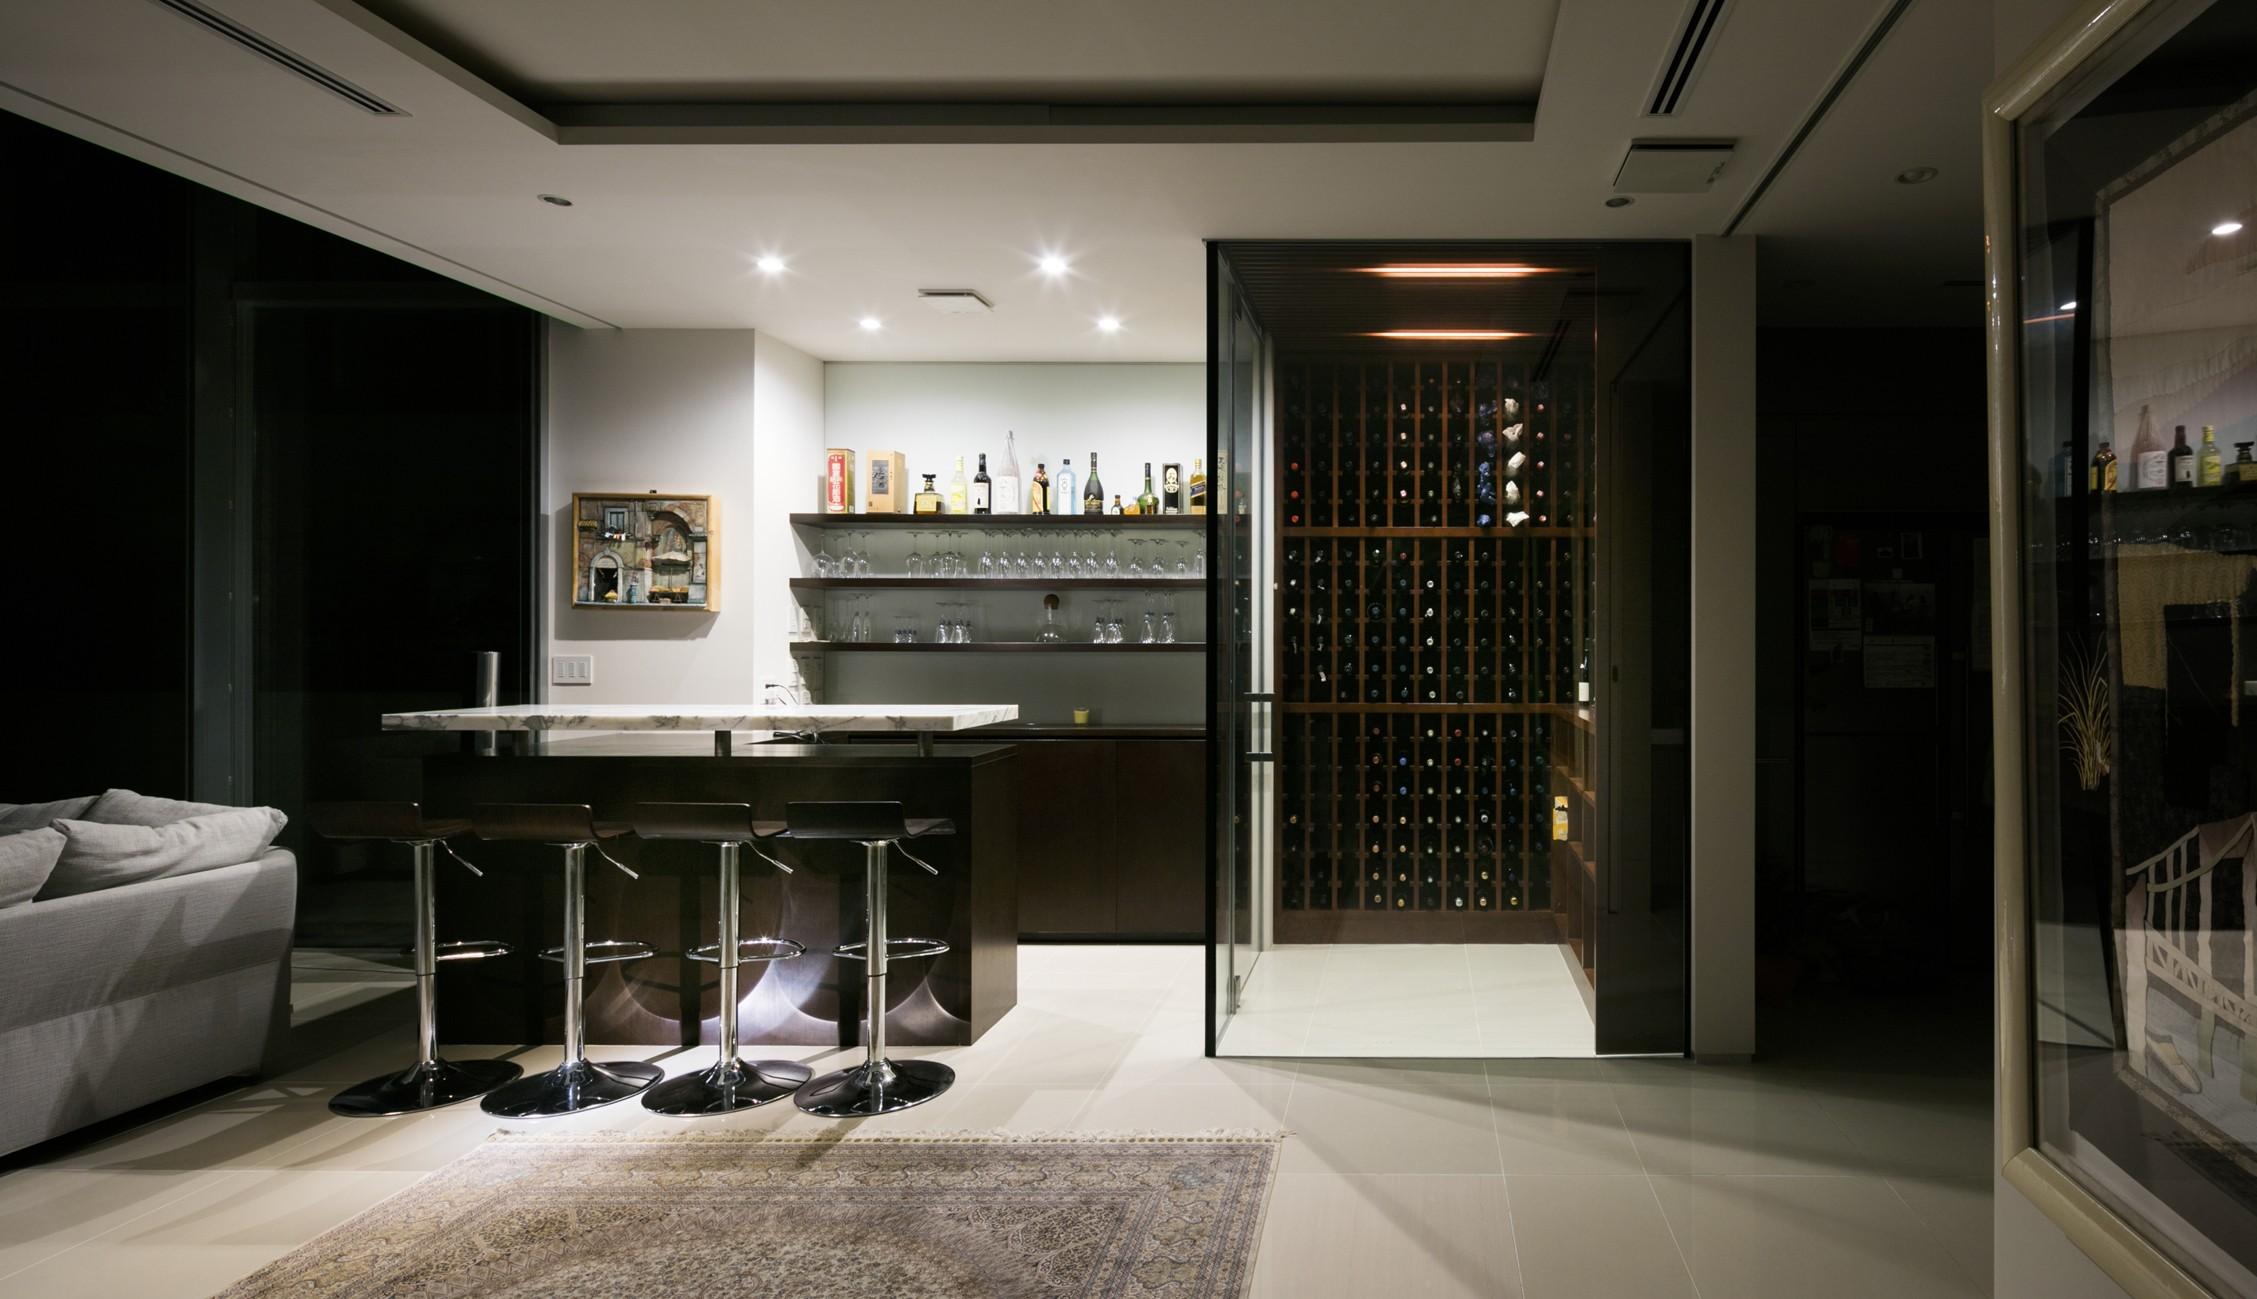 リビングダイニング事例:ワインセラーを望む(高輪台の家、こだわりの施主と作り上げたバーカウンターのある大型住まい)